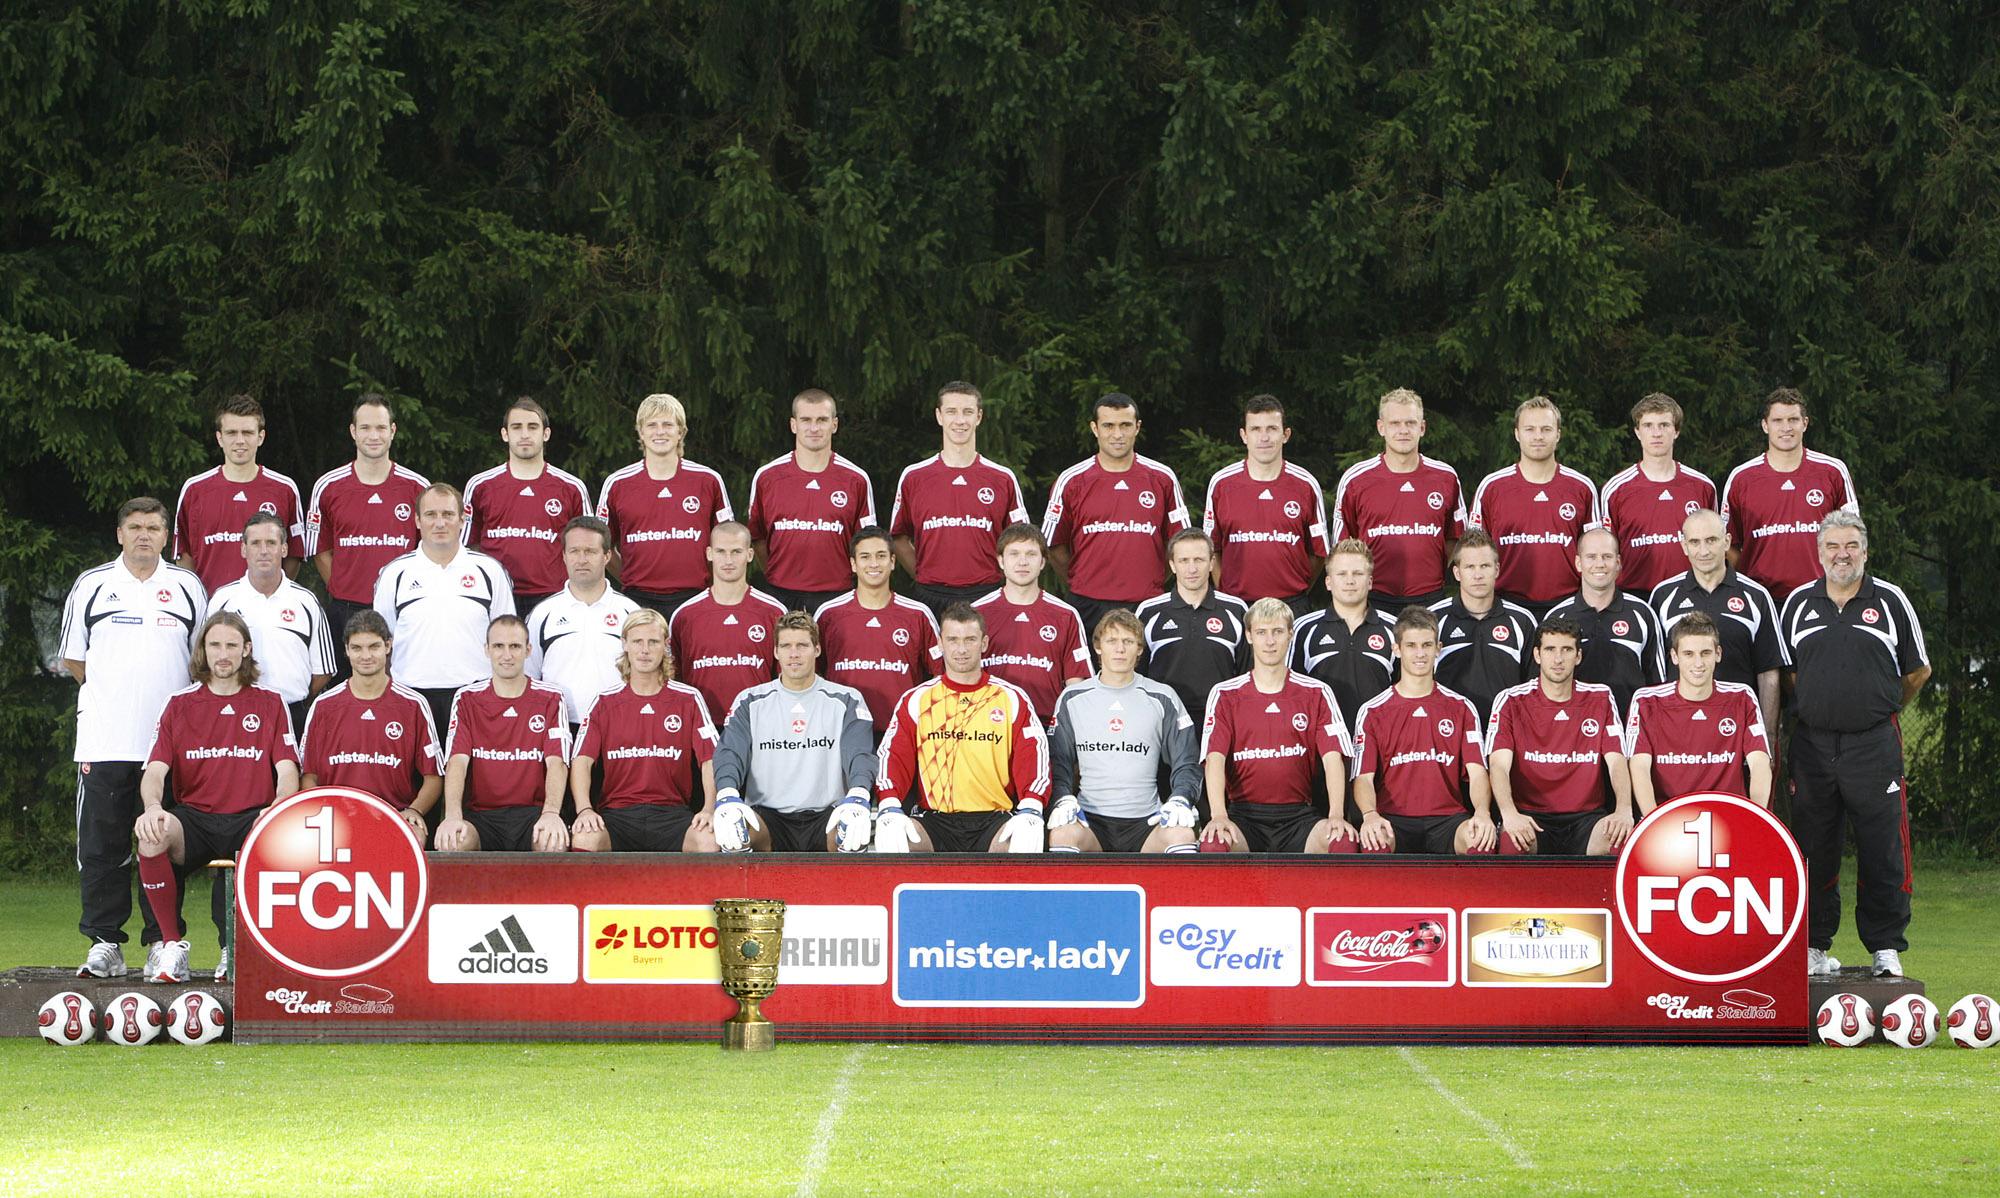 队徽:  德文名:FC Bayern Mnchen AG 地址:Säbener Straße 51, 81547 Mnchen 所在地:慕尼黑 主场:安联球场 球队主赞助商:德国电信 电话:089-699310 传真:089-644165 官方网站:www.fcbayern.de 成立时间:1900年2月27日 会员人数:130000人 订票热线:089-69931-333 球迷商店主页:https://shop.